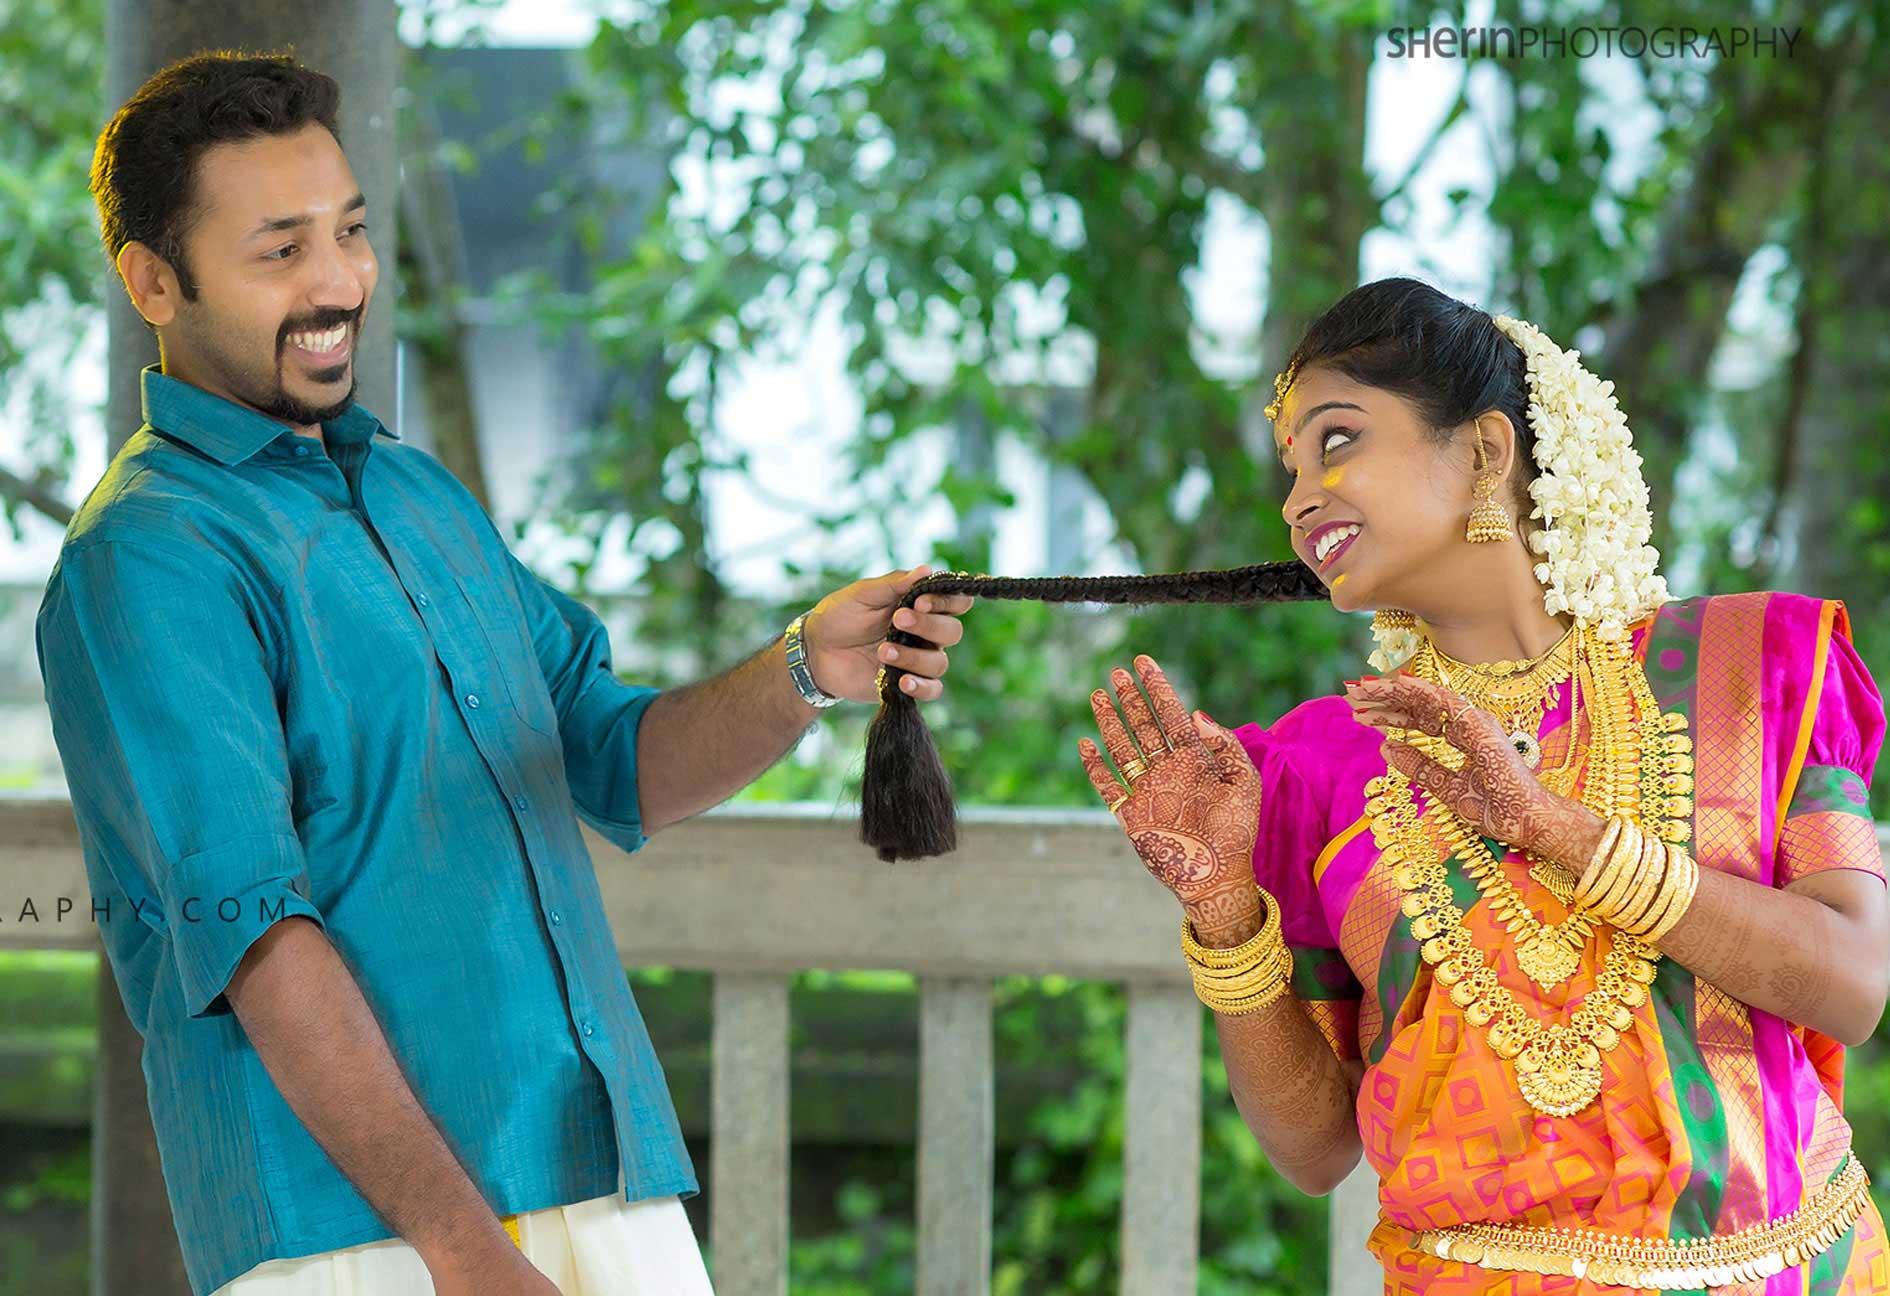 Kerala wedding photography - Kerala Wedding Photography